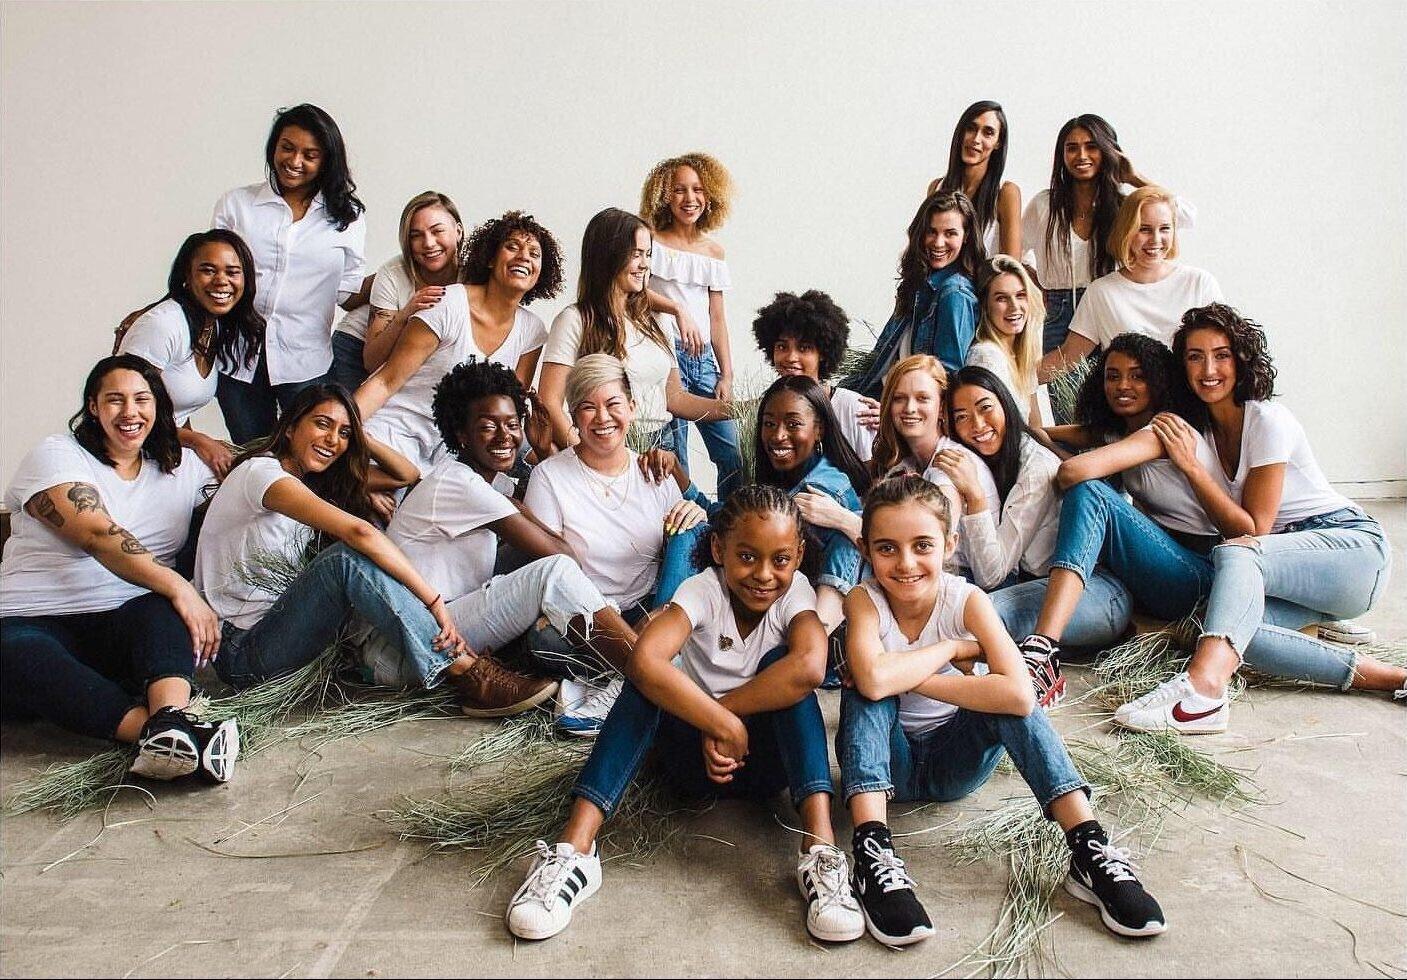 Provide Empowering Care Packs for Women & Girls